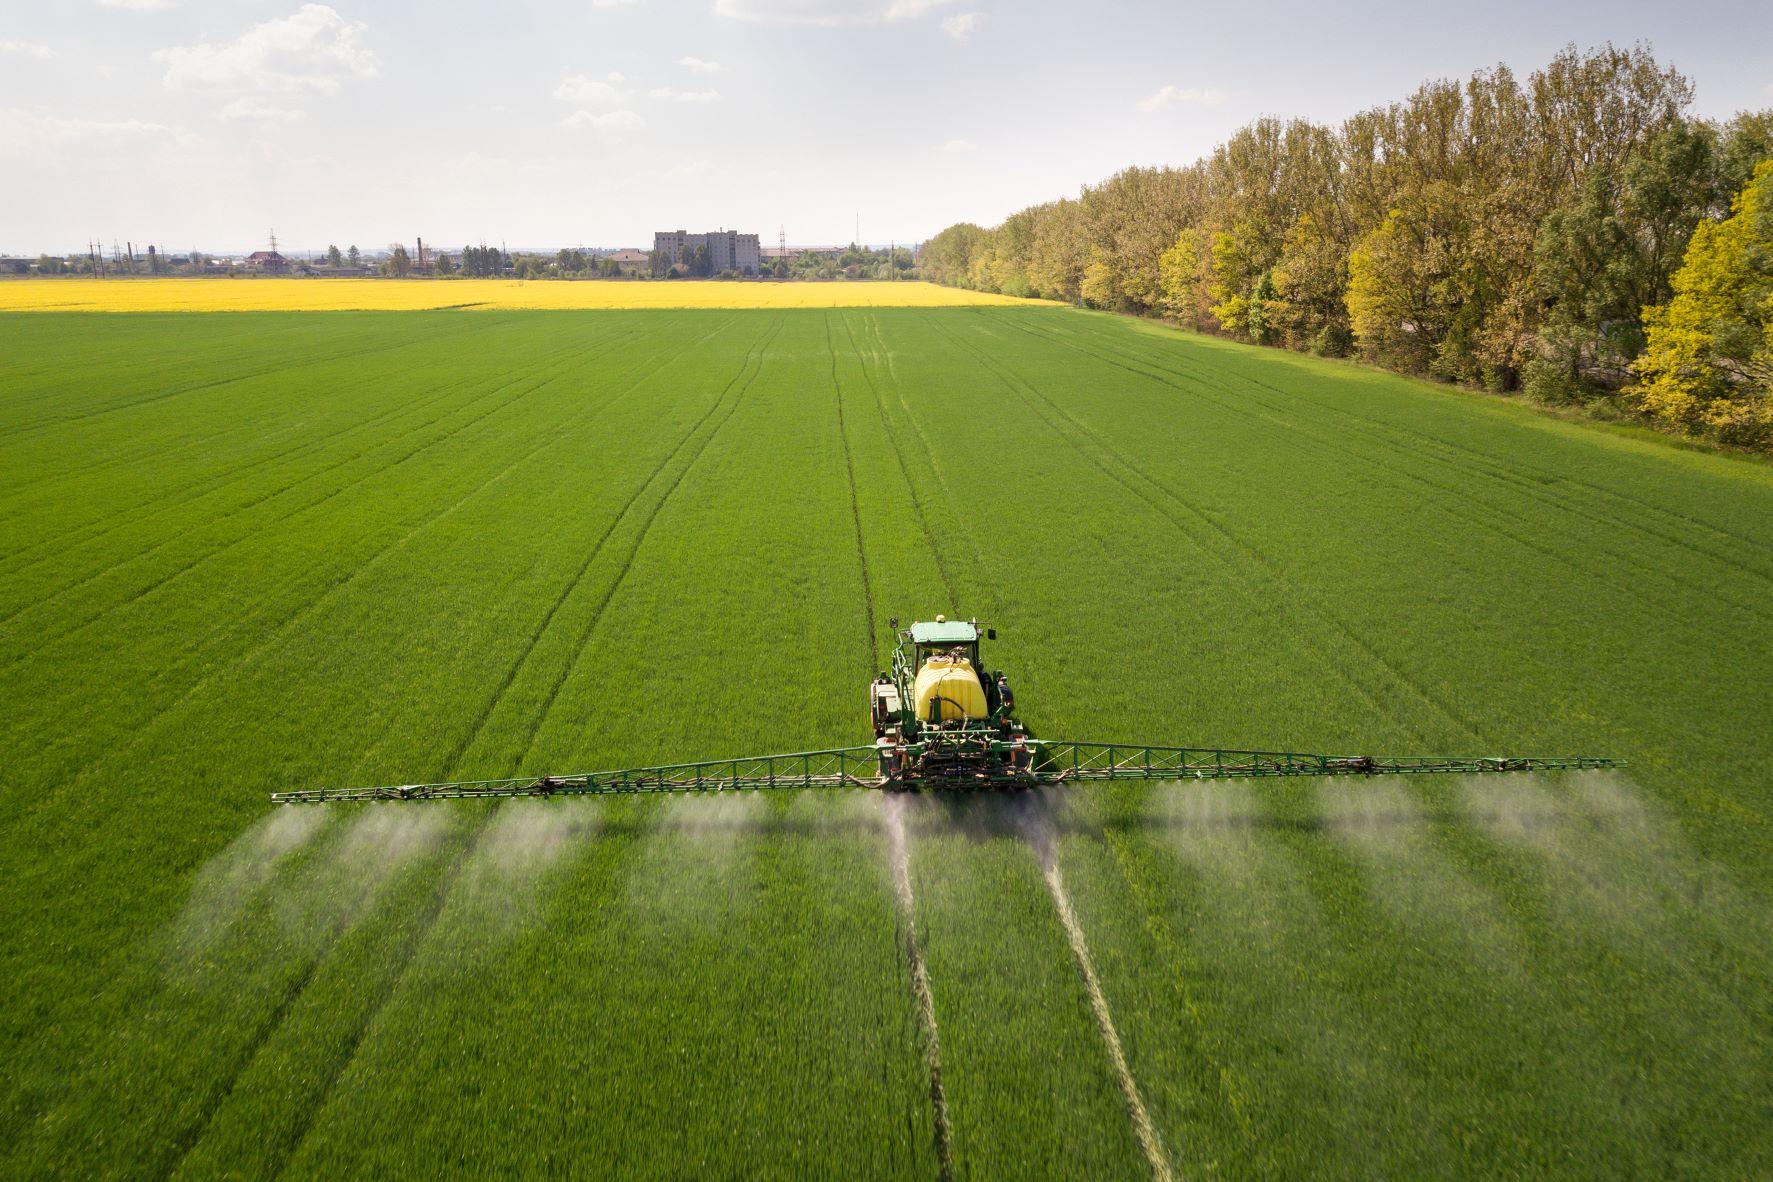 Traktorius pavasarį purškia cheminius pesticidus purkštuvu ant didelio žalio žemės ūkio lauko